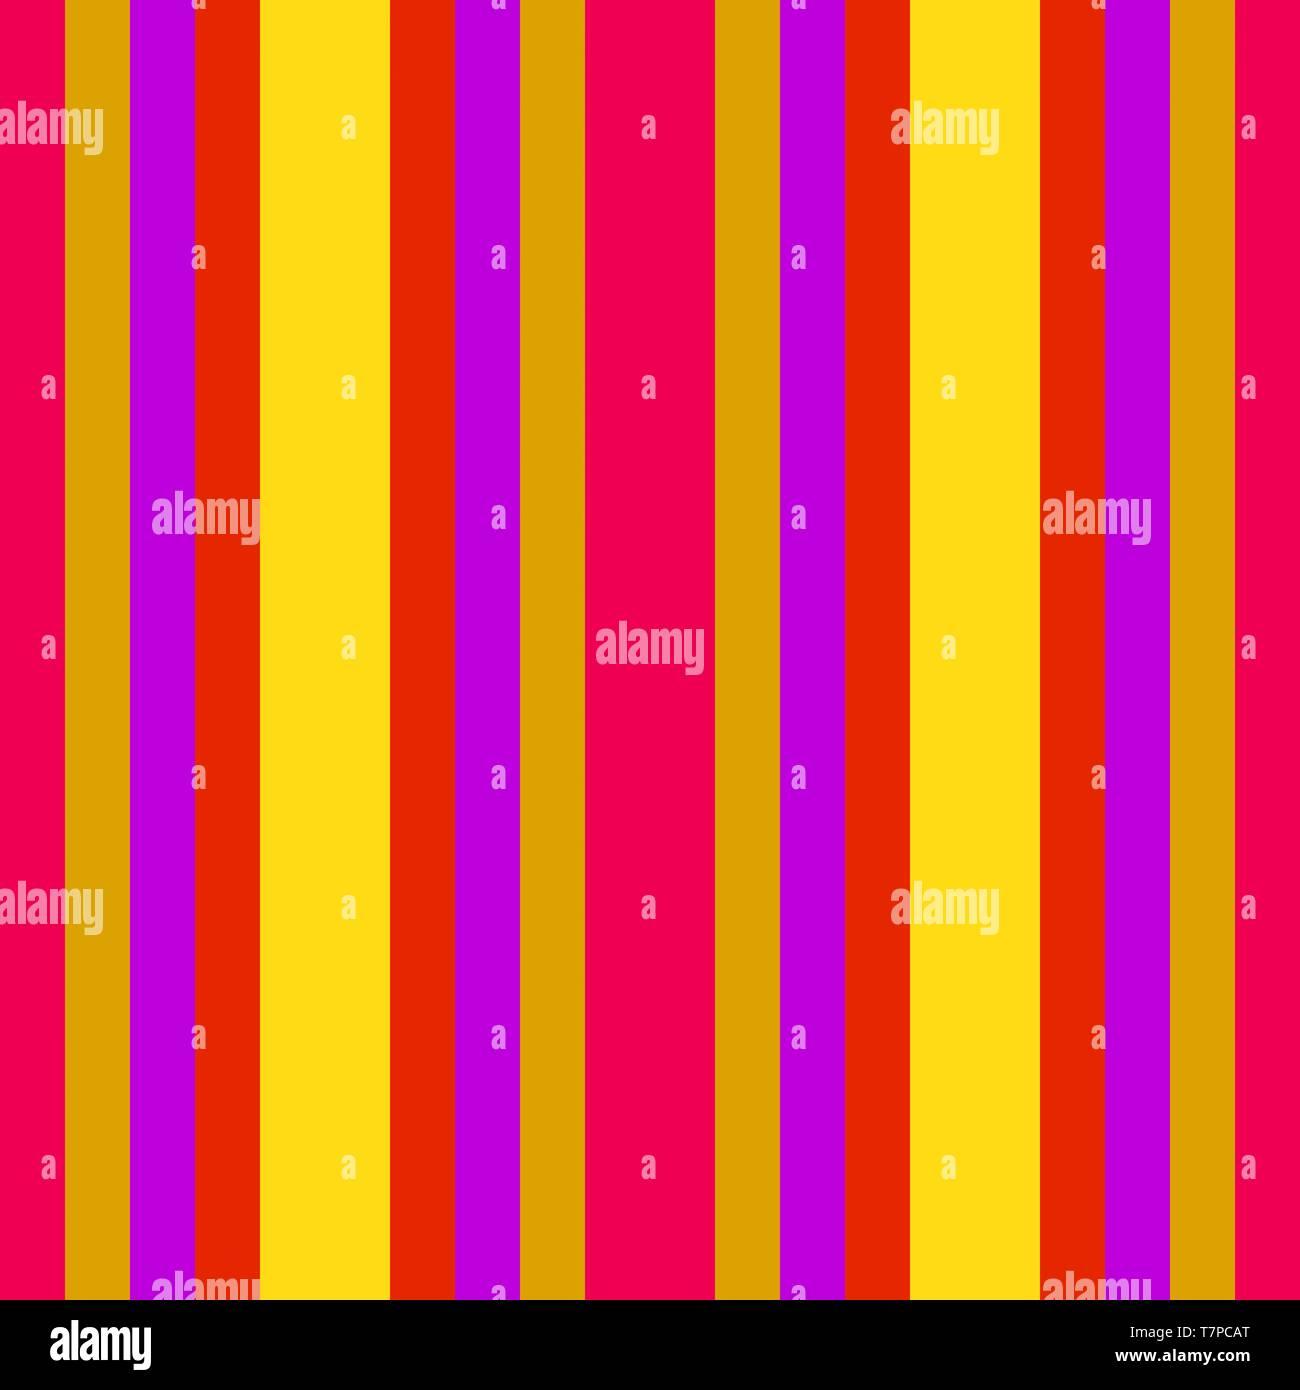 https www alamyimages fr les lignes de mouvement vertical orange rouge violet fonce et bordeaux couleurs resume fond avec bandes de papier peint presentation dessin de mode ou web image245740400 html